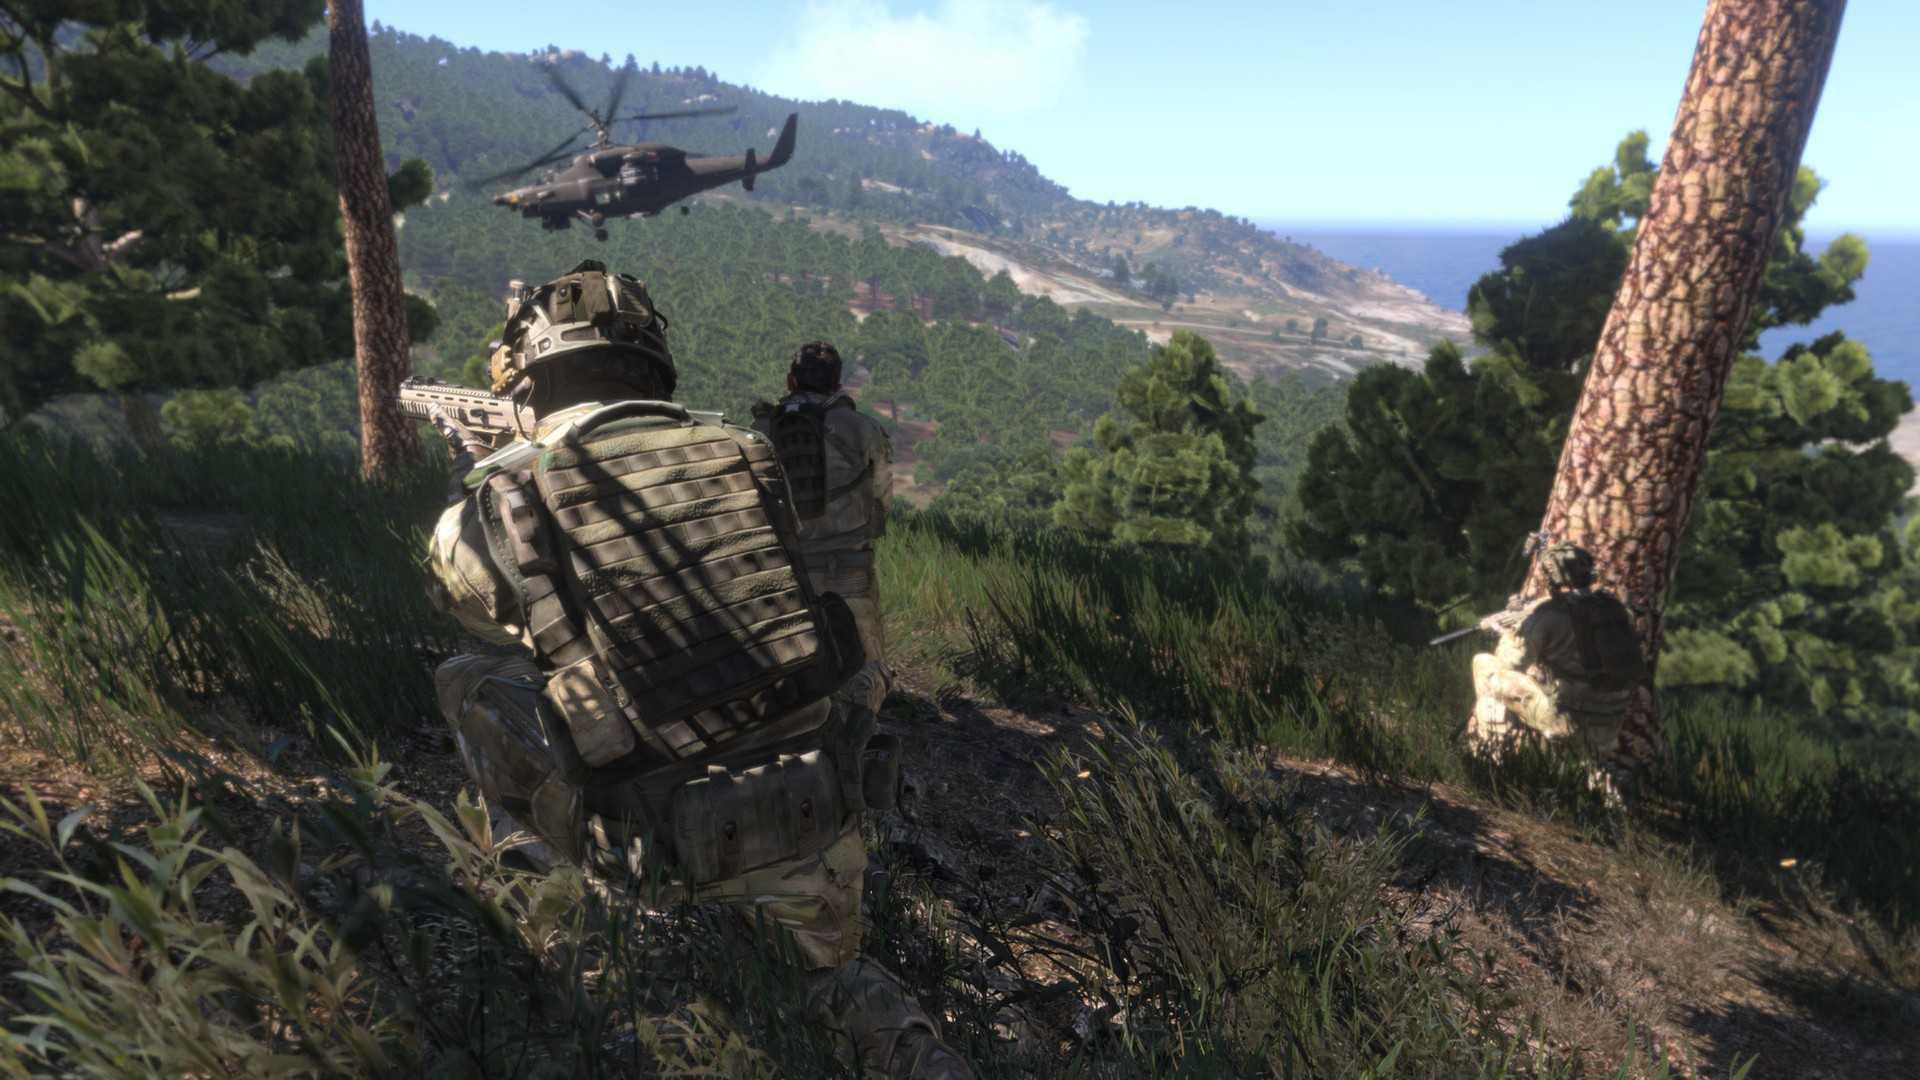 Das Ende von Gamespy betrifft auch aktuelle Spiele wie die Kriegssimulation Arma 3.